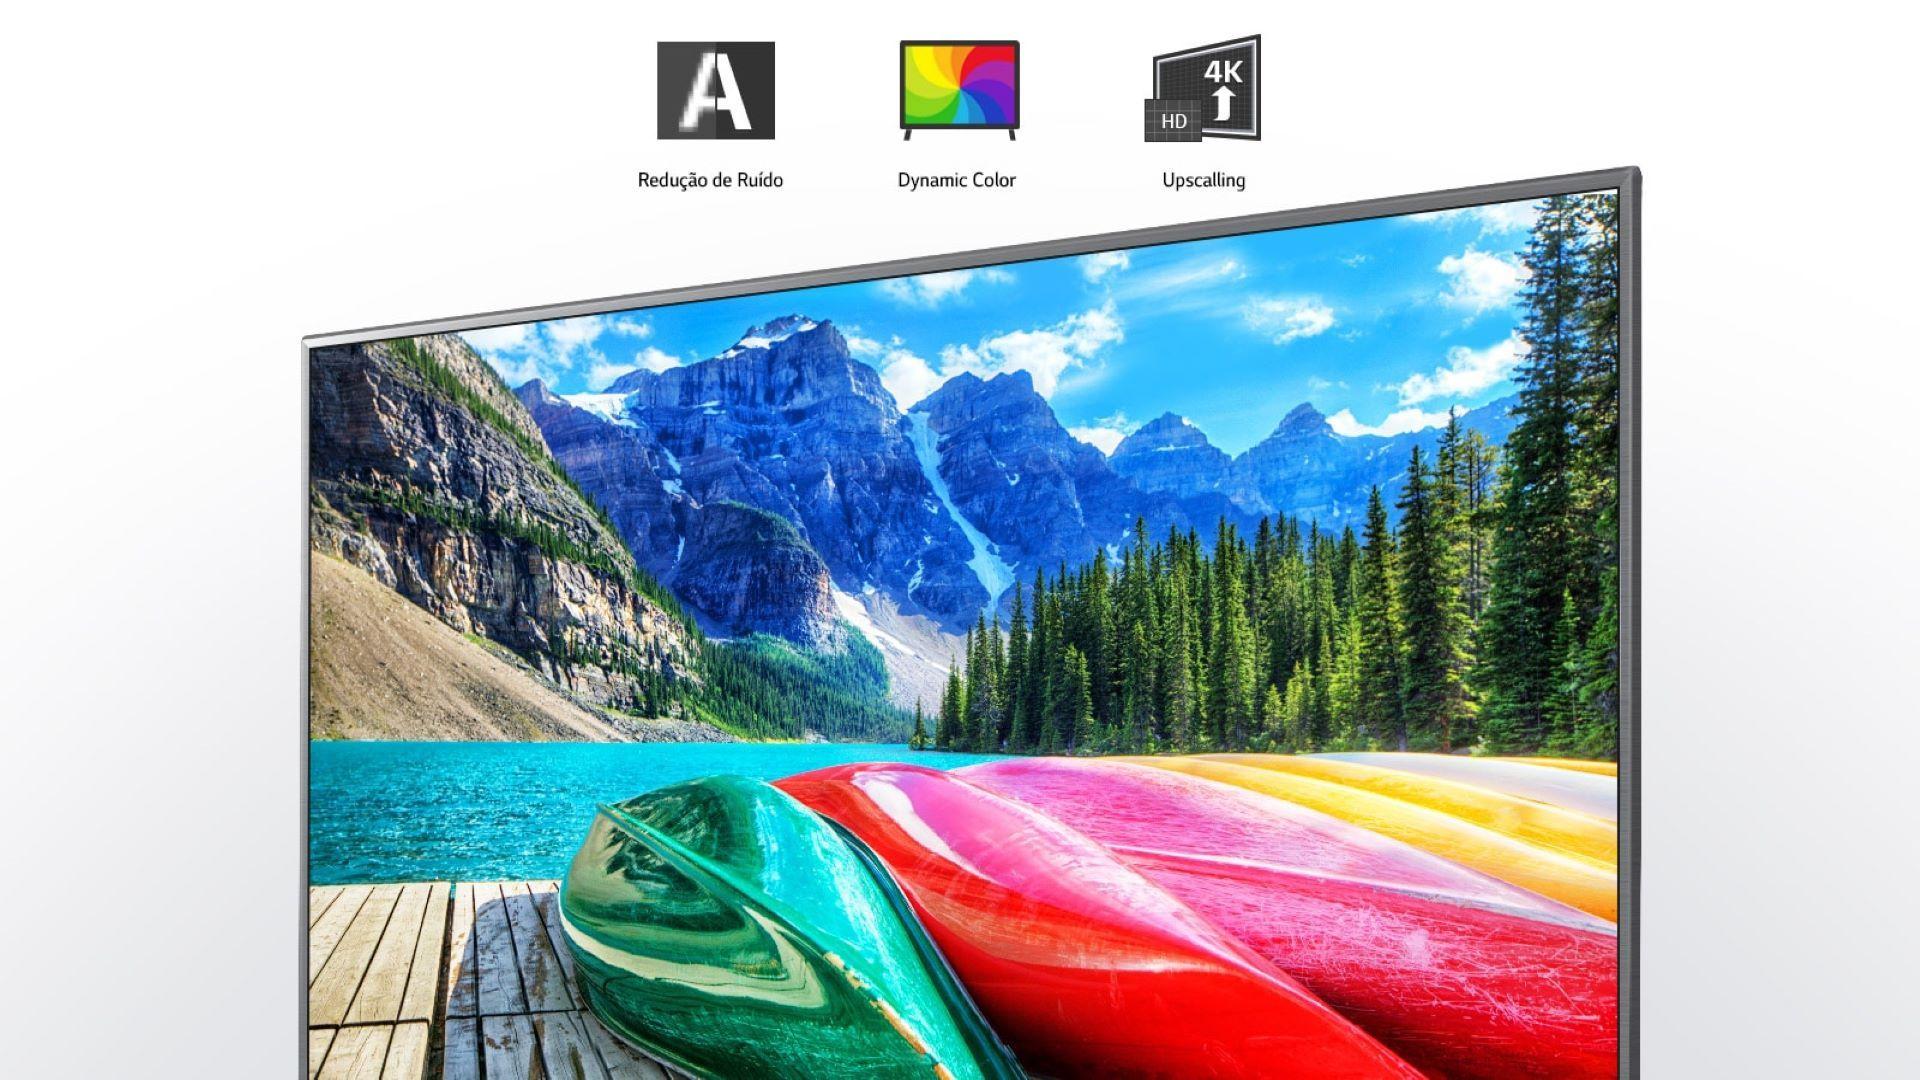 Processador converte imagem de baixa resolução para Ultra HD (Foto: Divulgação/ LG)